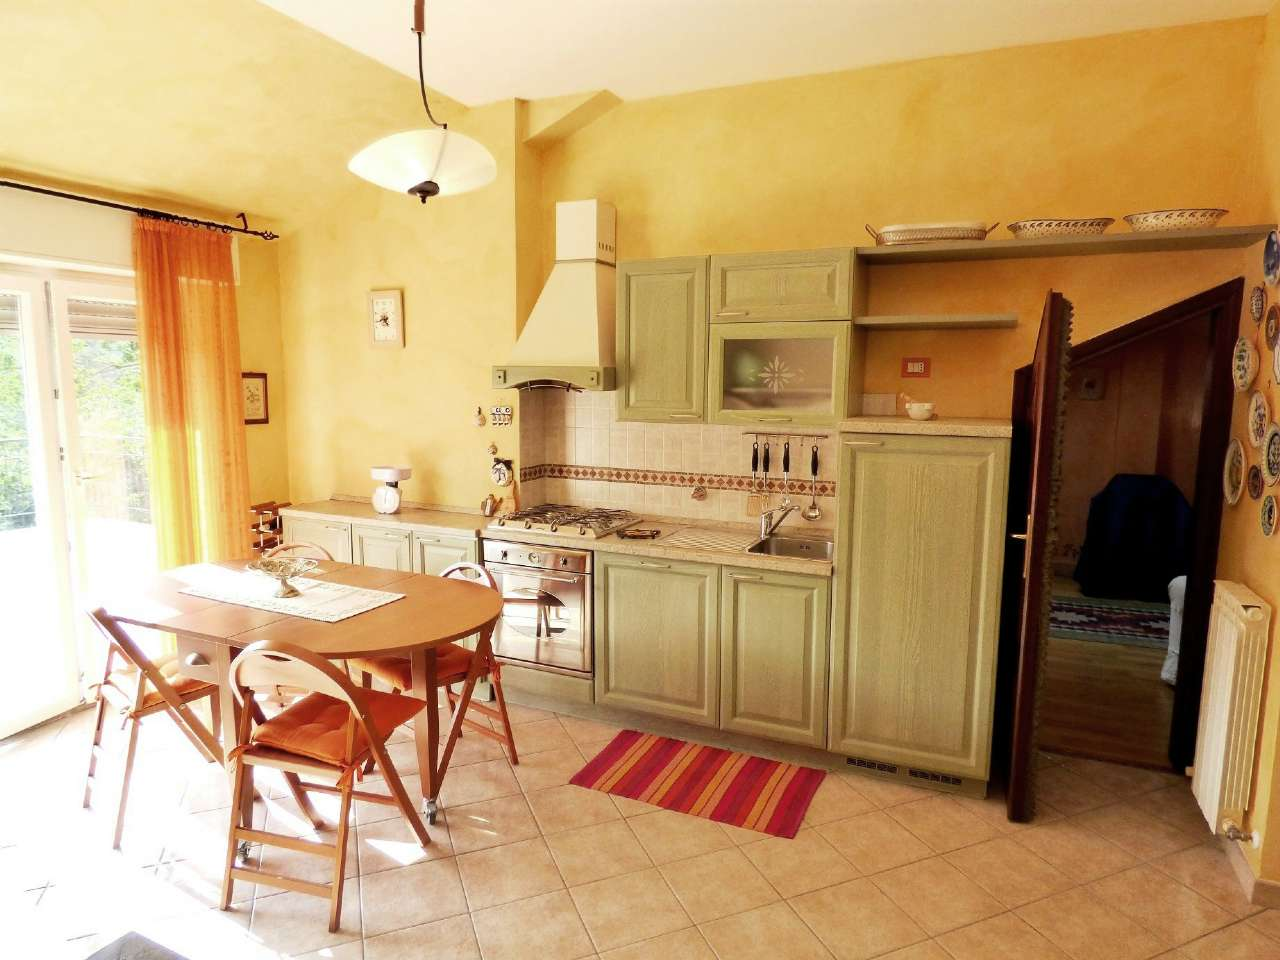 Appartamento ristrutturato in vendita Rif. 4857560